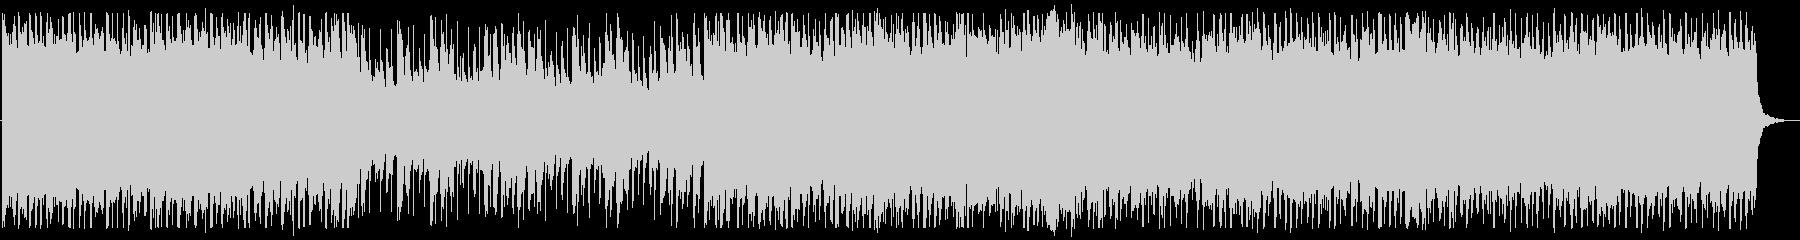 電子/疾走感/ロック_No358_2の未再生の波形